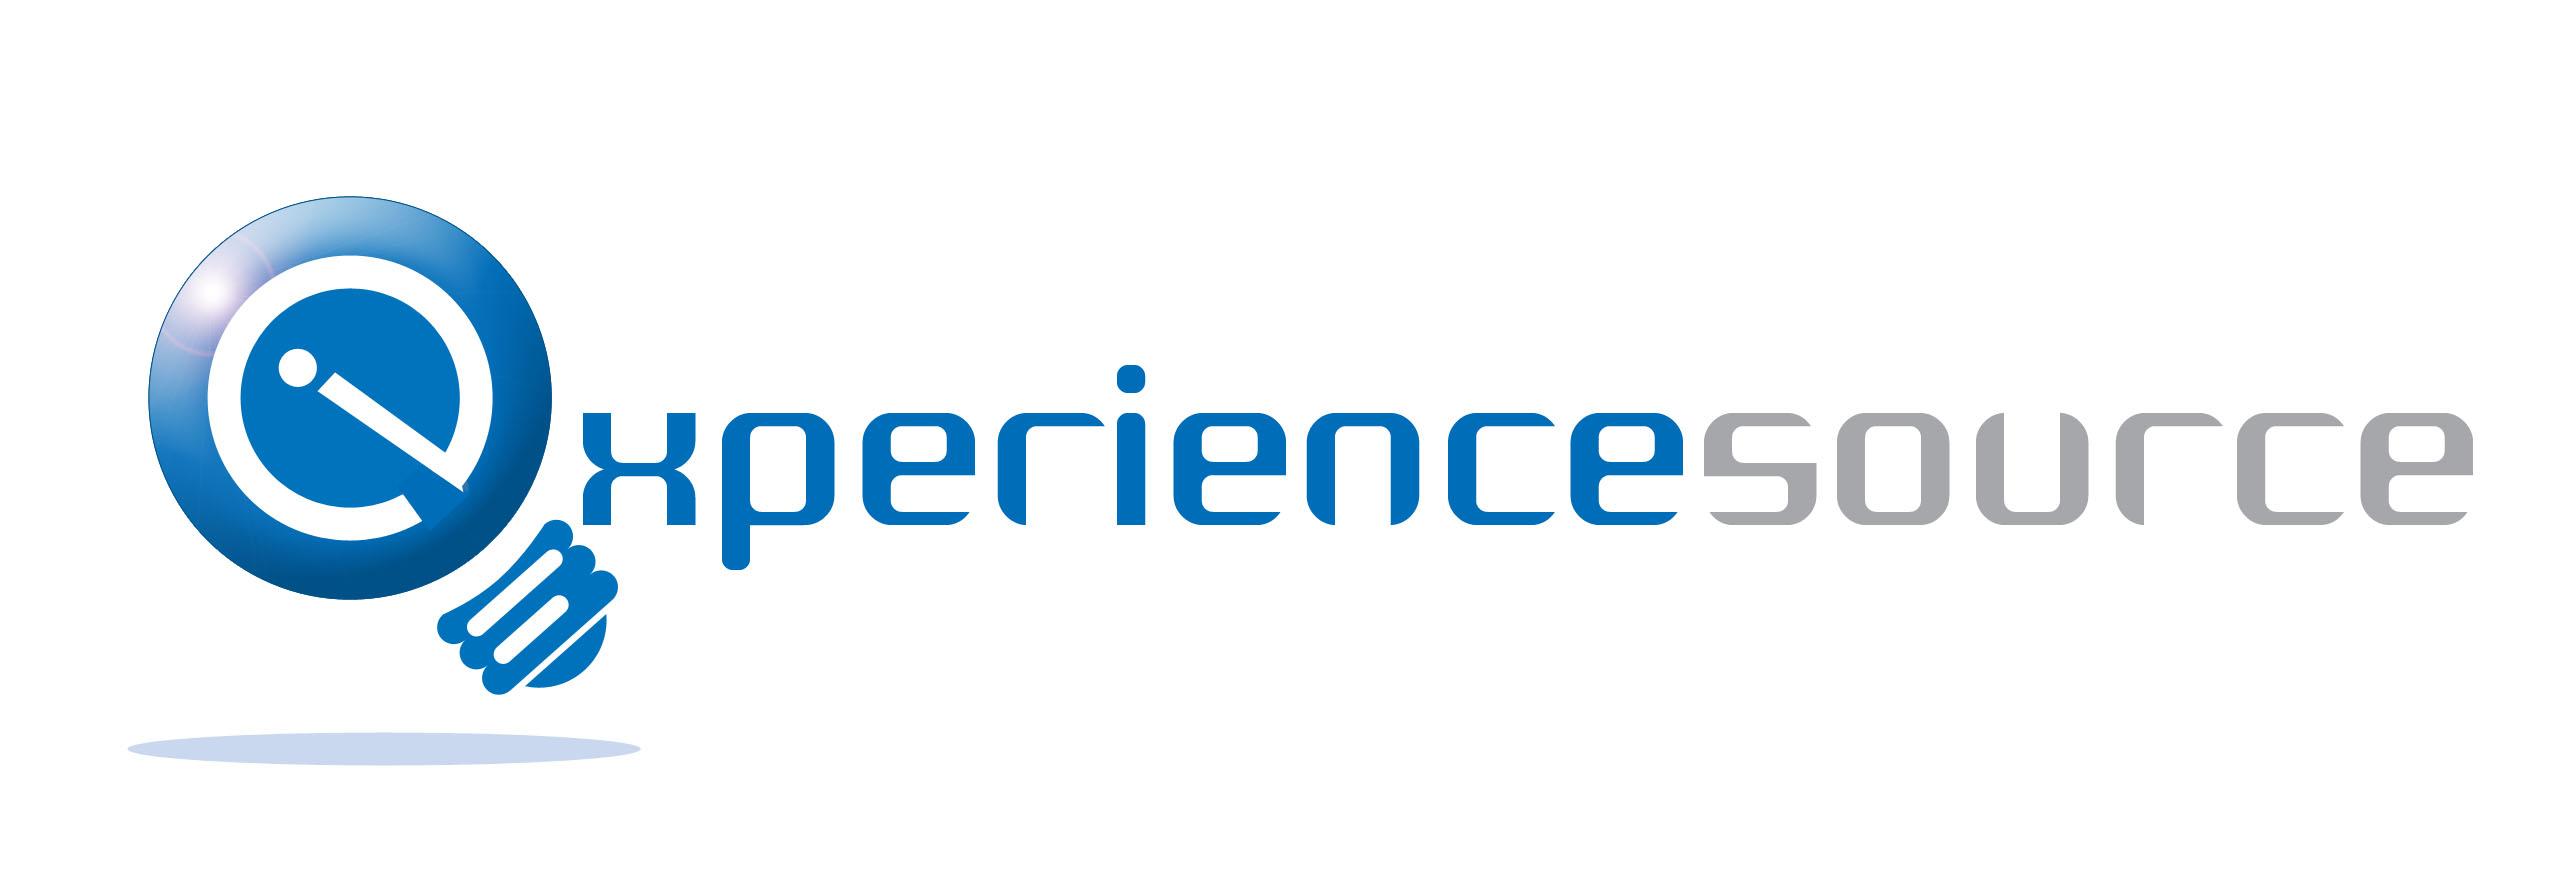 Experiencesource.com